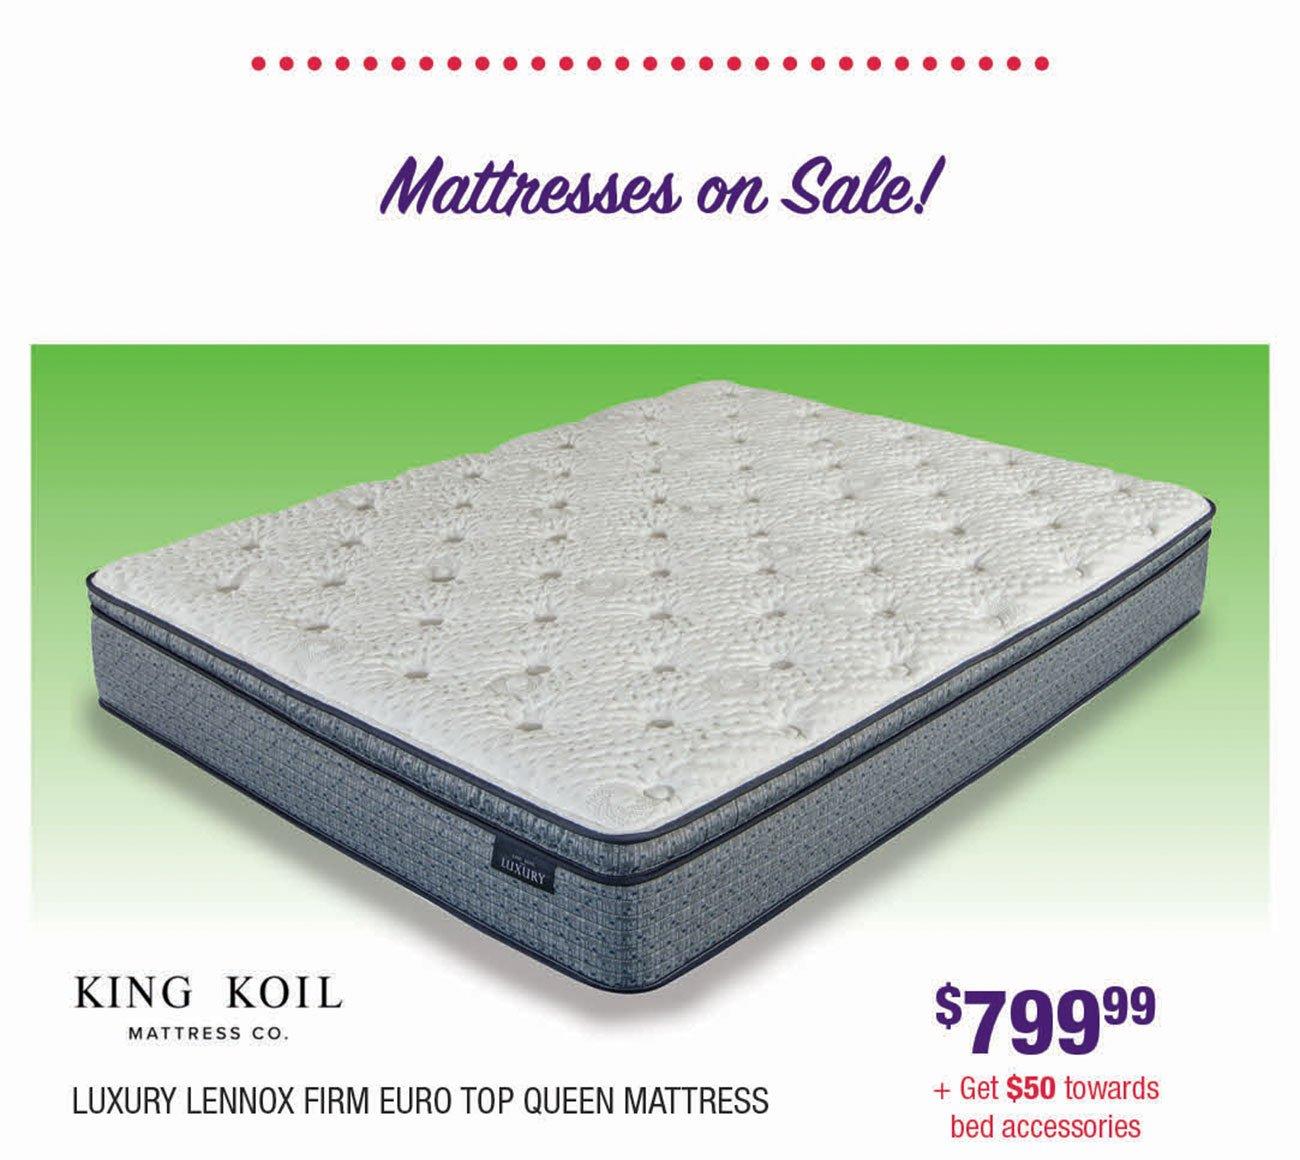 King-Koil-Luxury-Lennox-Firm-Queen-Mattress